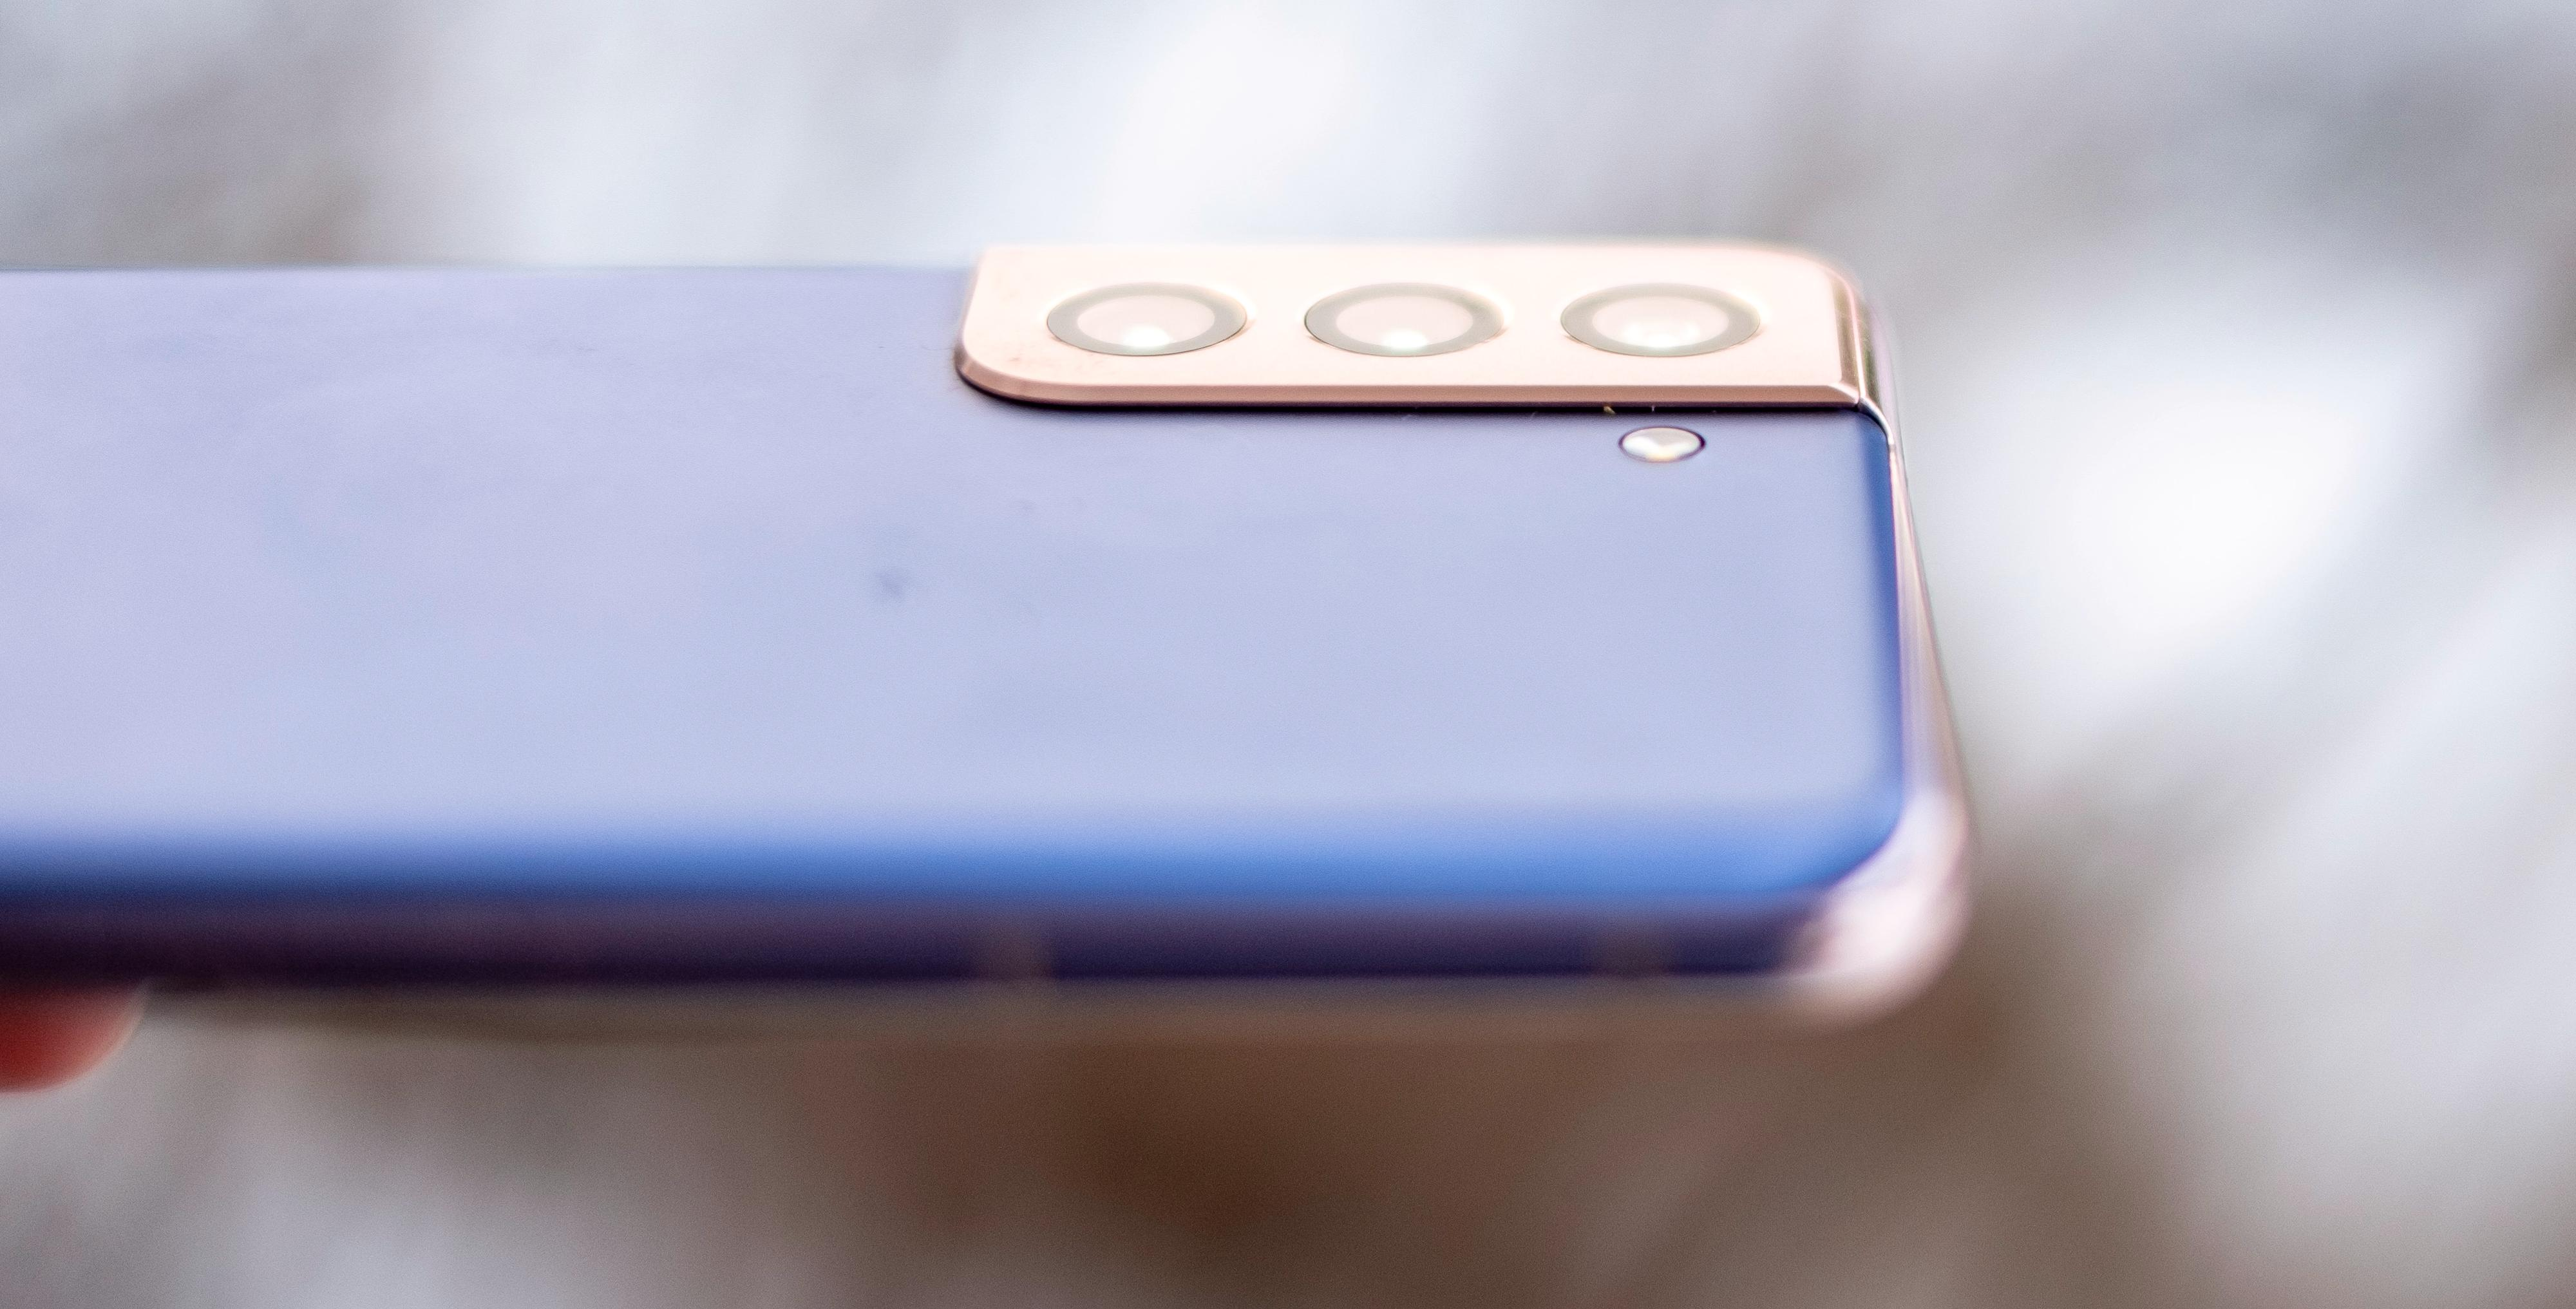 En moderat høy kamerabump sitter fast i aluminiumsrammen som går rundt hele telefonen.